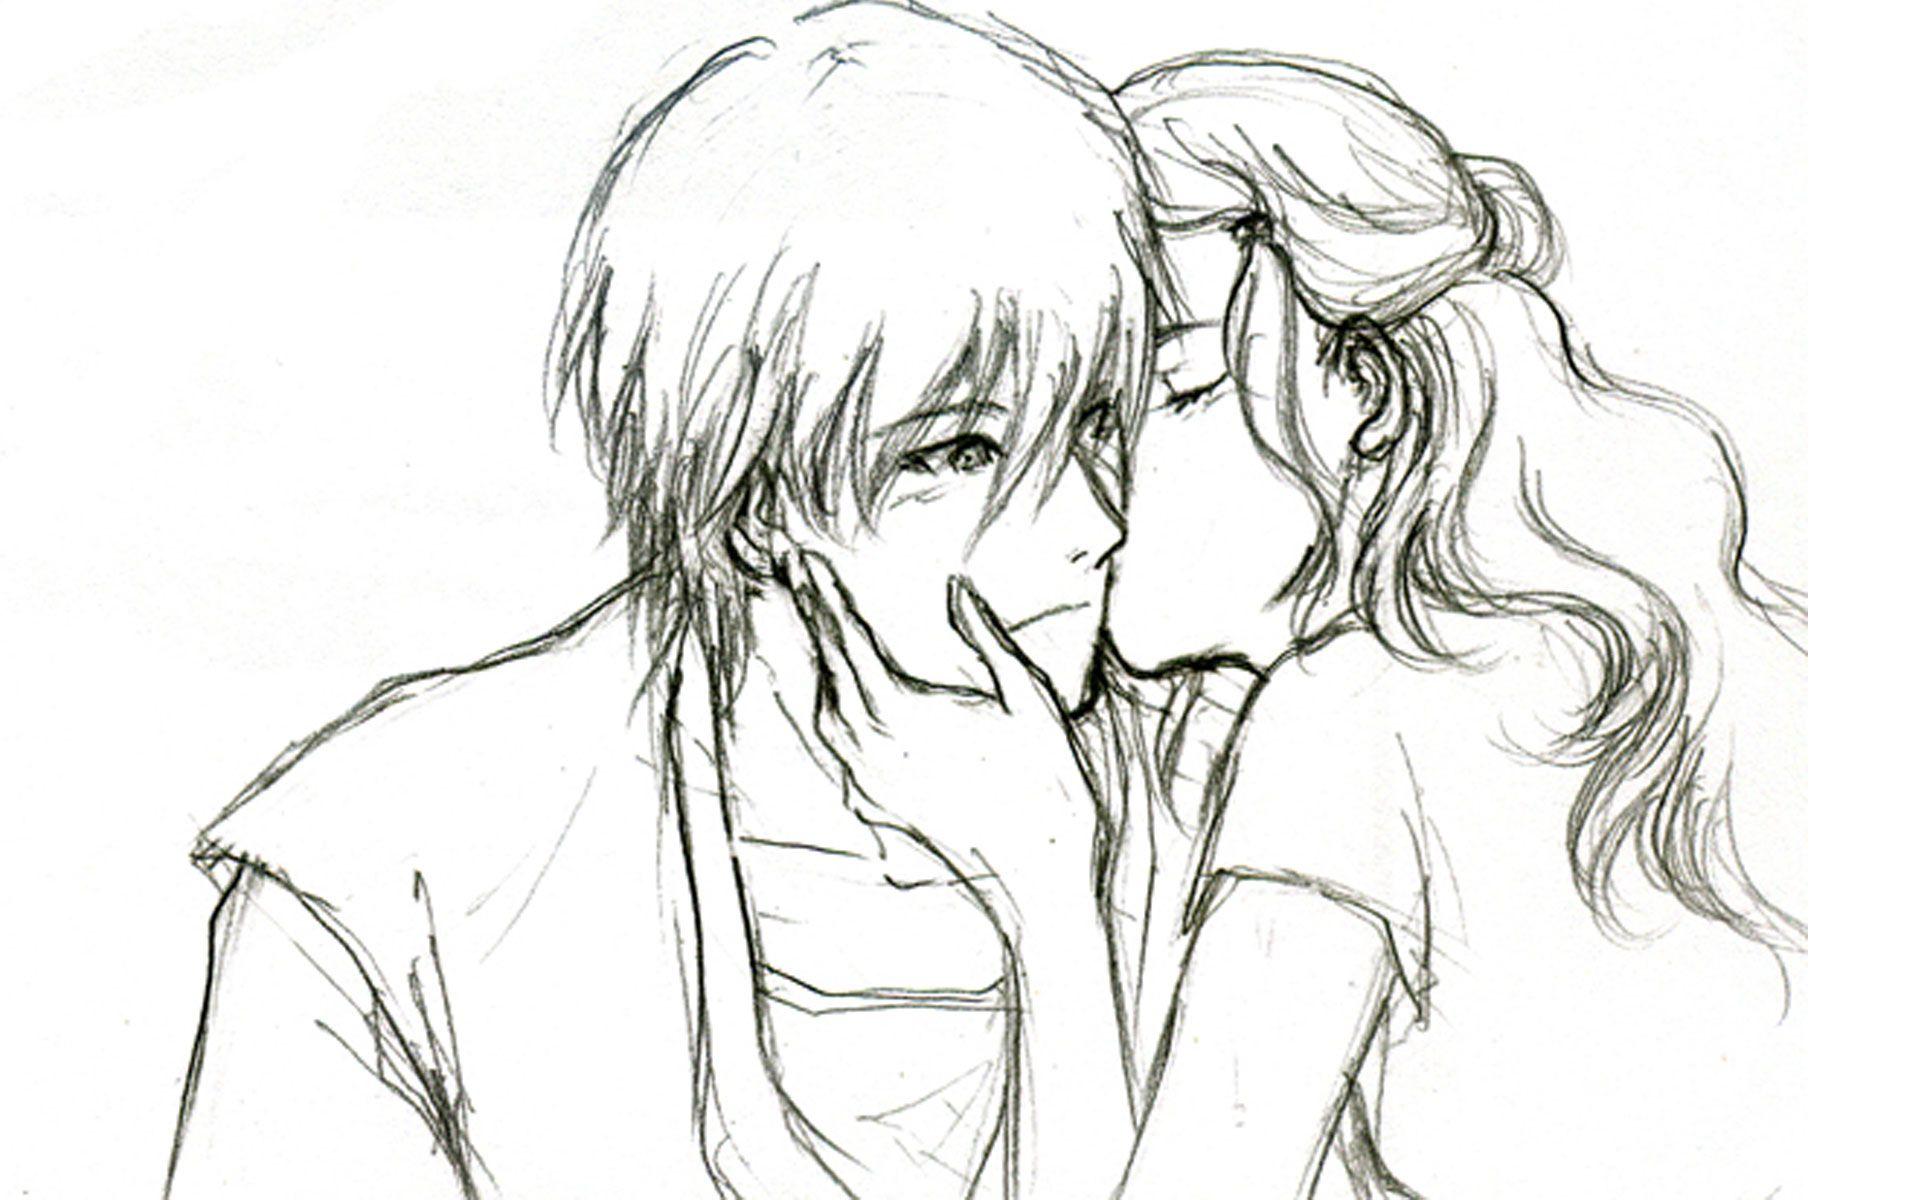 Pencil Sketch Love Couple Wallpaper Pencildrawing2019